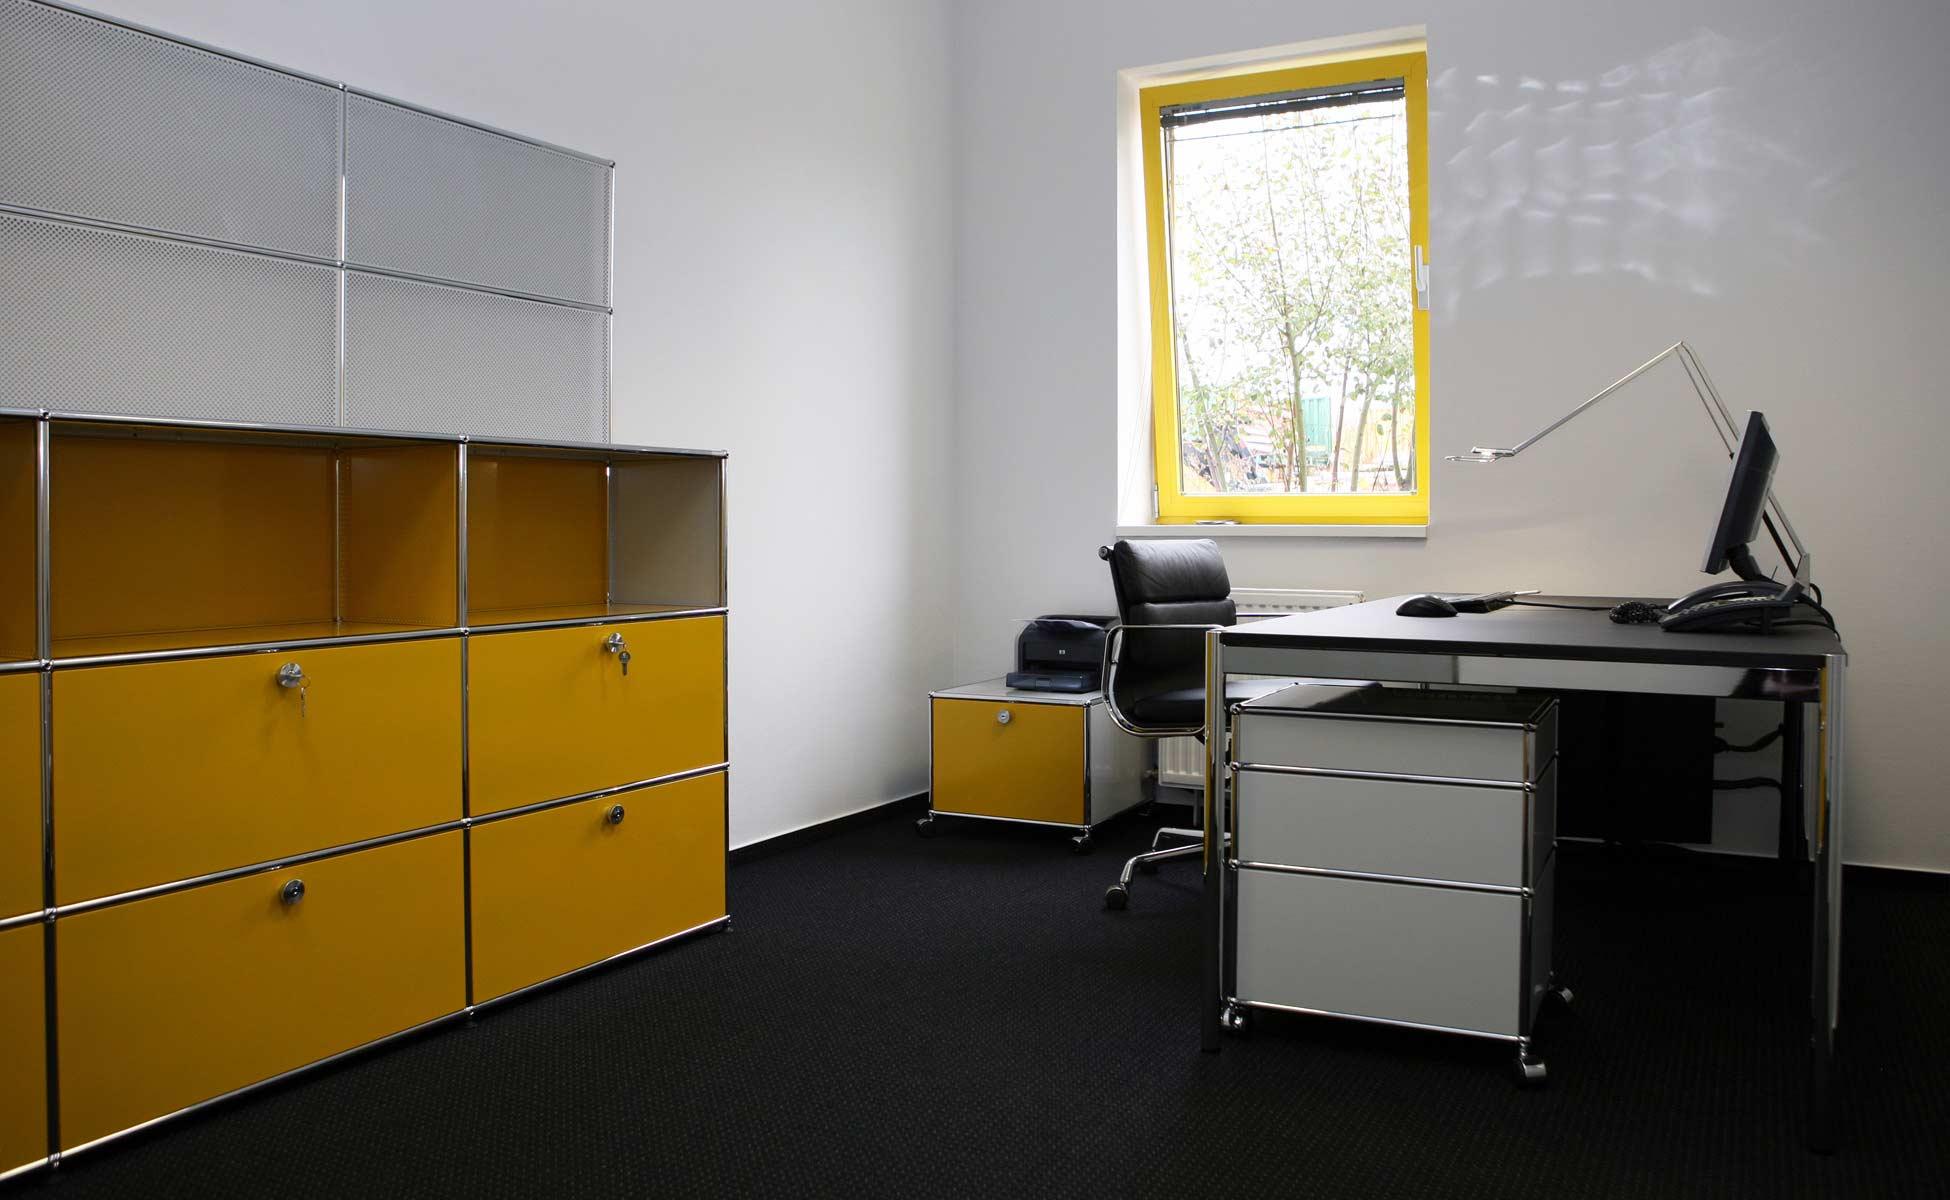 usm haller arbeitsplatzkonfiguration bei steidten+ berlin